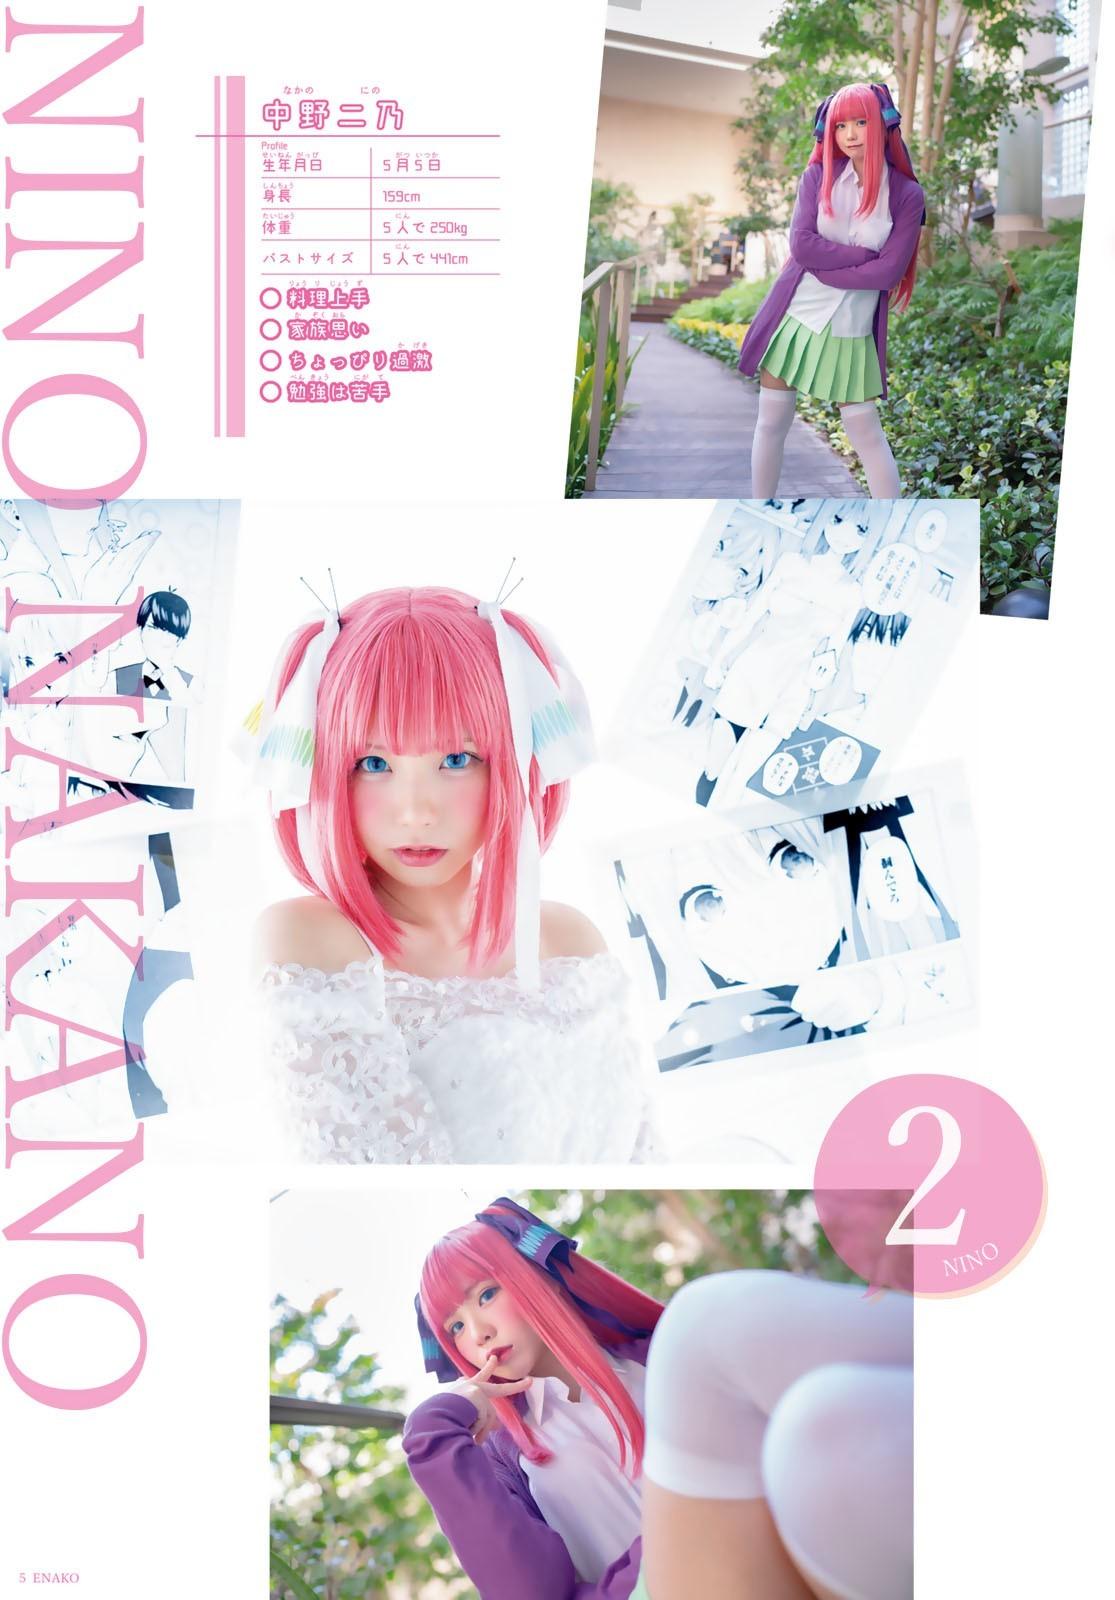 日本美少女enako一人分饰五角,cosplay《五等分的花嫁》中的妹子 第8张